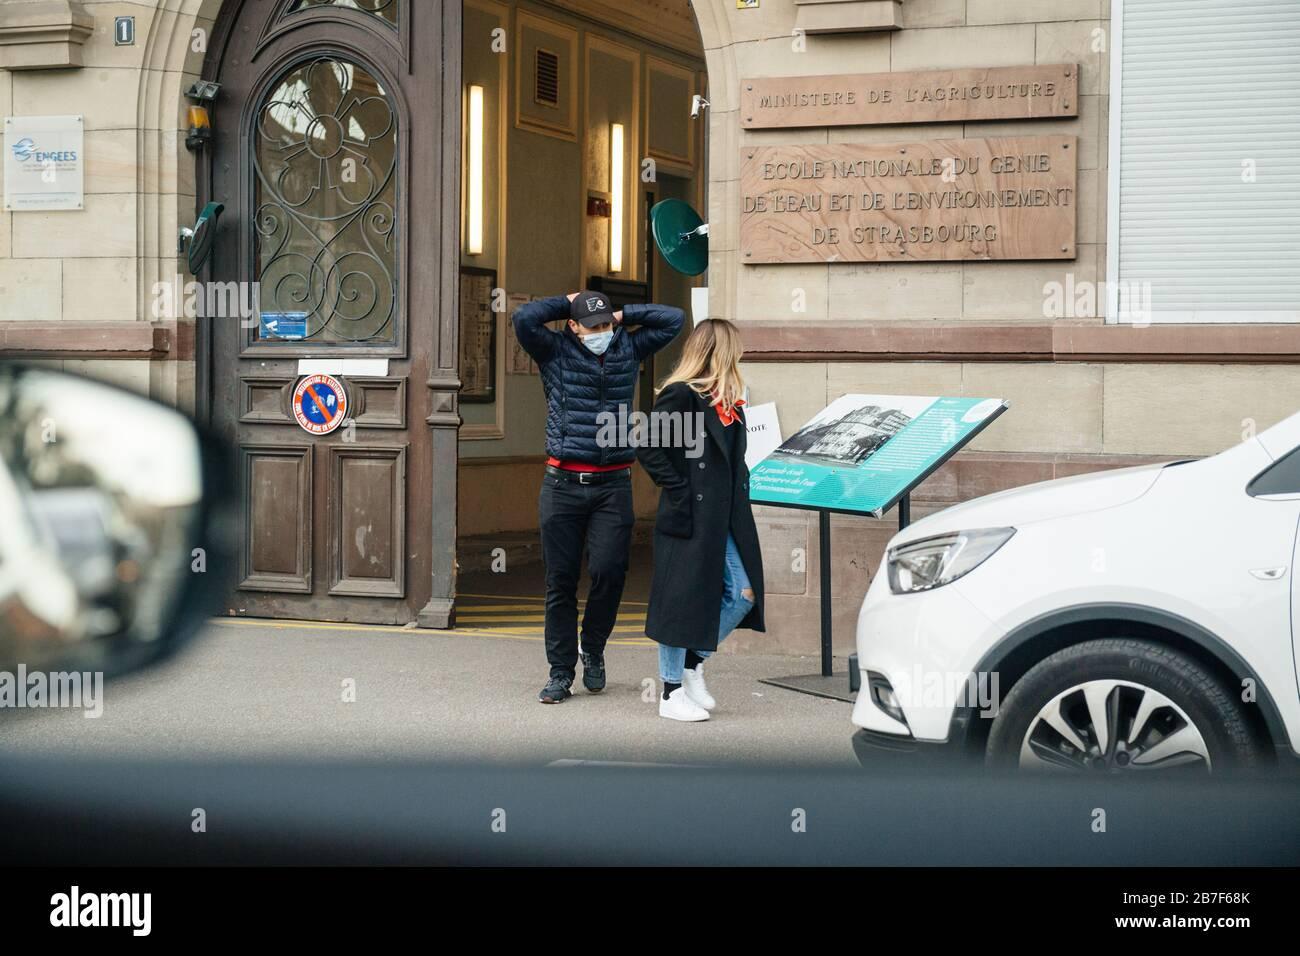 Straßburg, Frankreich - 15. März 2020 junger Mann, der Schutzmask trägt, verlässt das Wahllokal in der ersten Runde der Bürgermeisterwahlen, als Frankreich mit einem Ausbruch der Coronavirus-Krankheit COVID-19 grappt Stockfoto